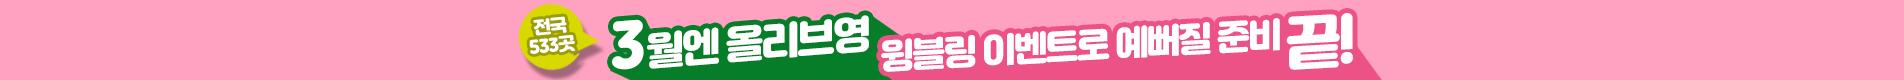 3월엔드-pc띠배너-20190227